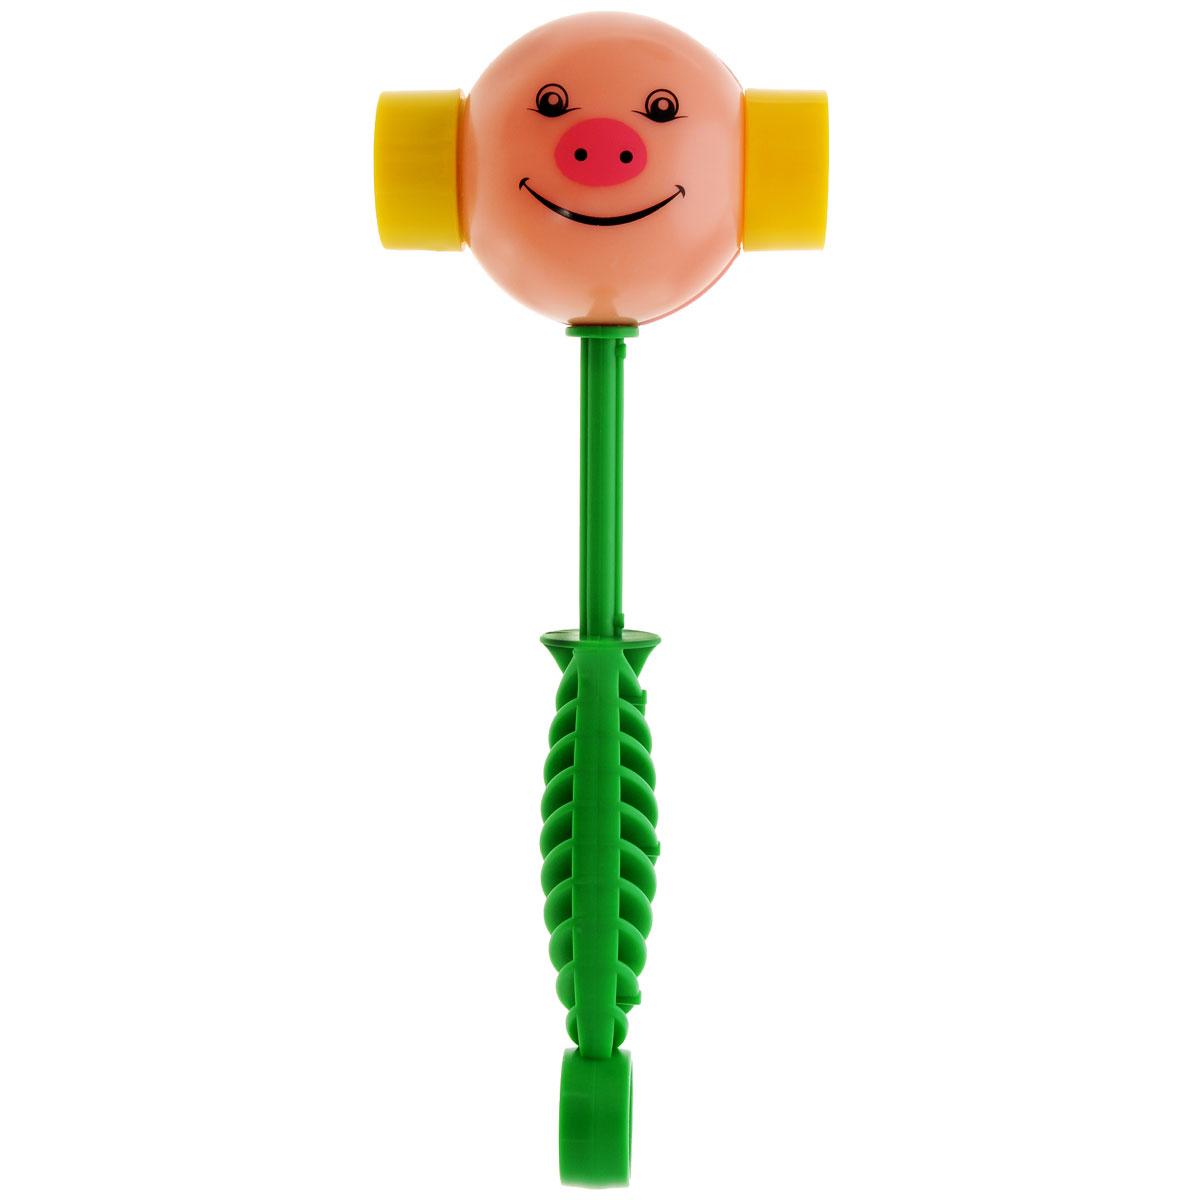 Развивающая игрушка Stellar Веселый молоточек, цвет: розовый, зеленый01362